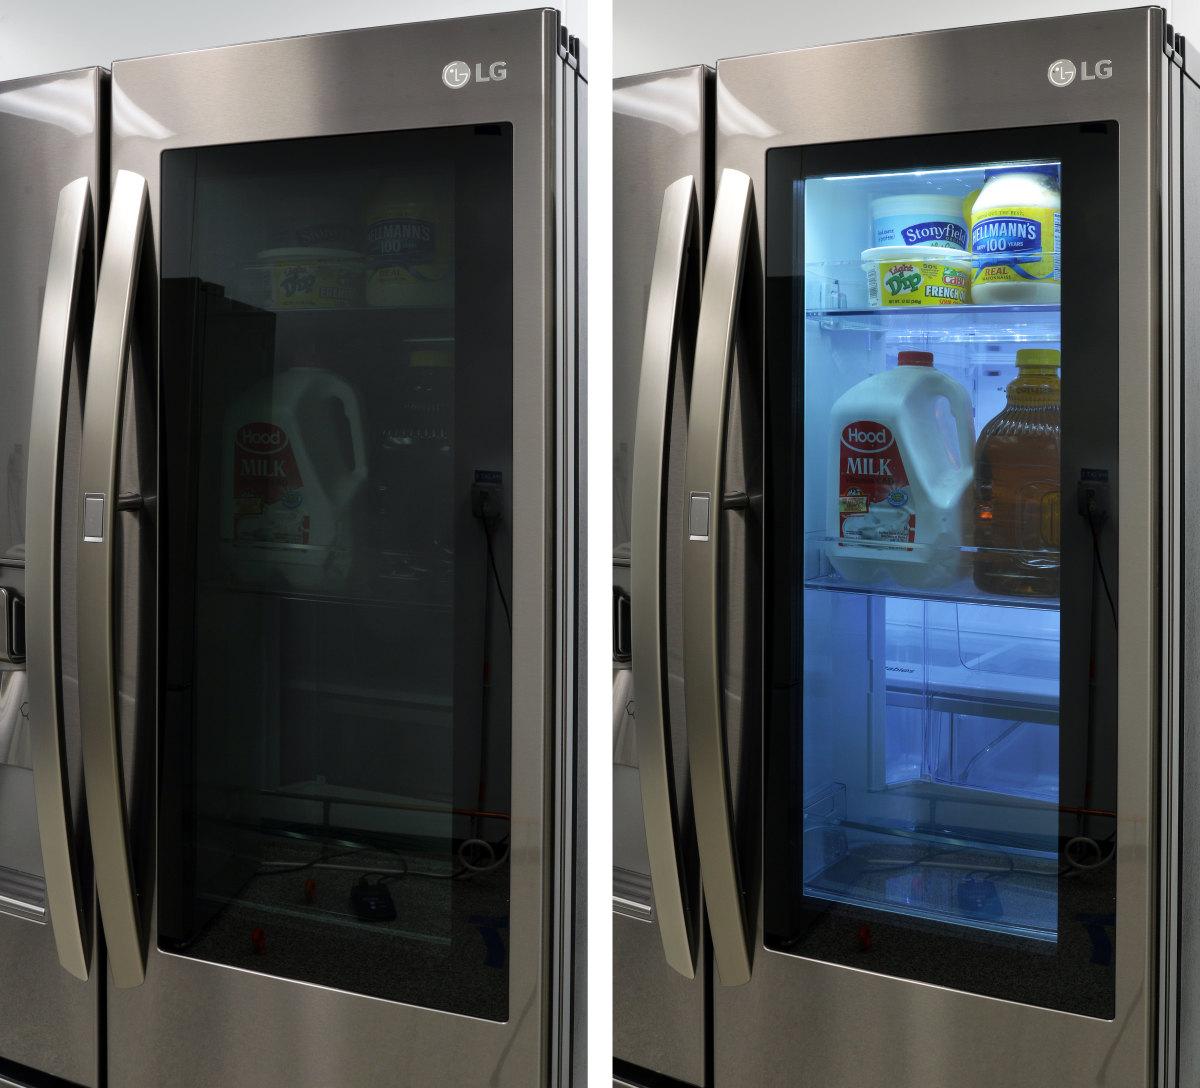 Refrigerador Inteligente De Lg Estar 225 Disponible Con